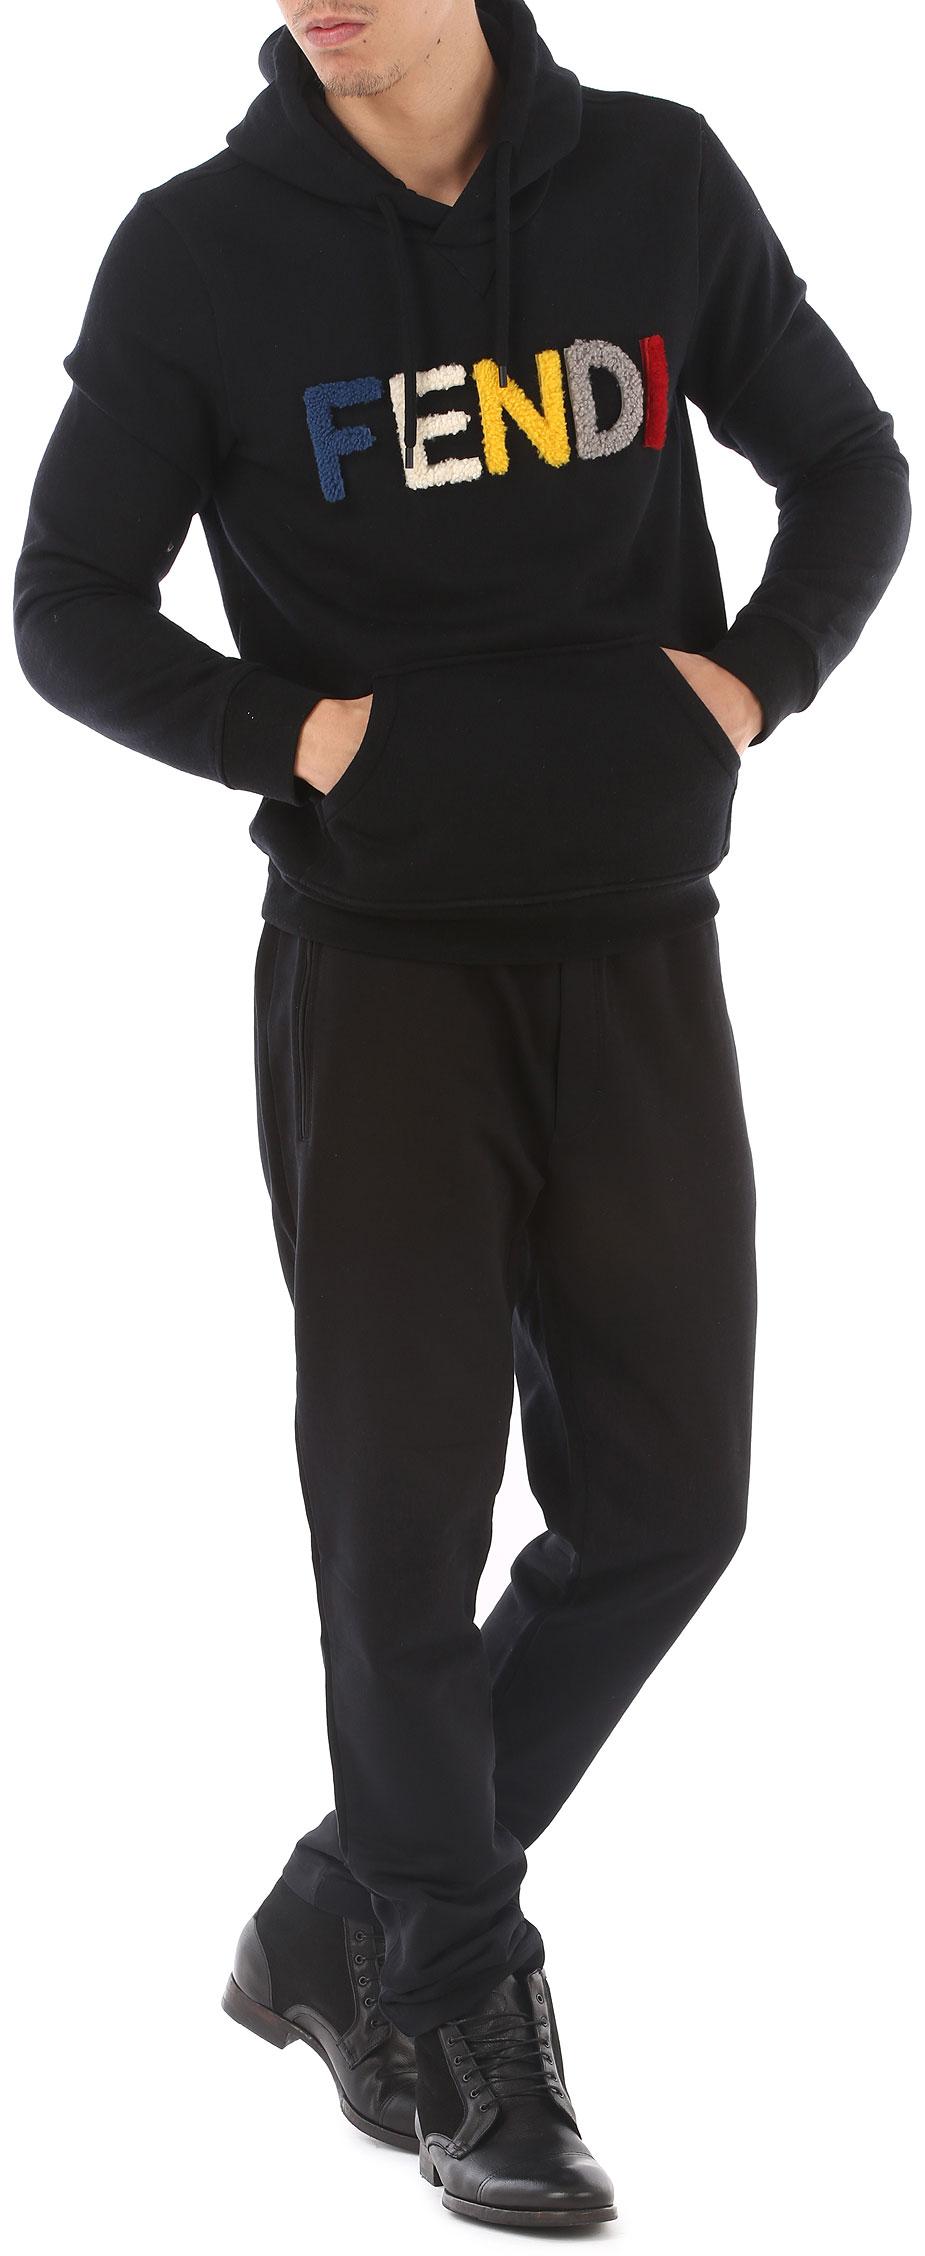 Mens Clothing Fendi, Style code: fy0738-44l-f0qa1